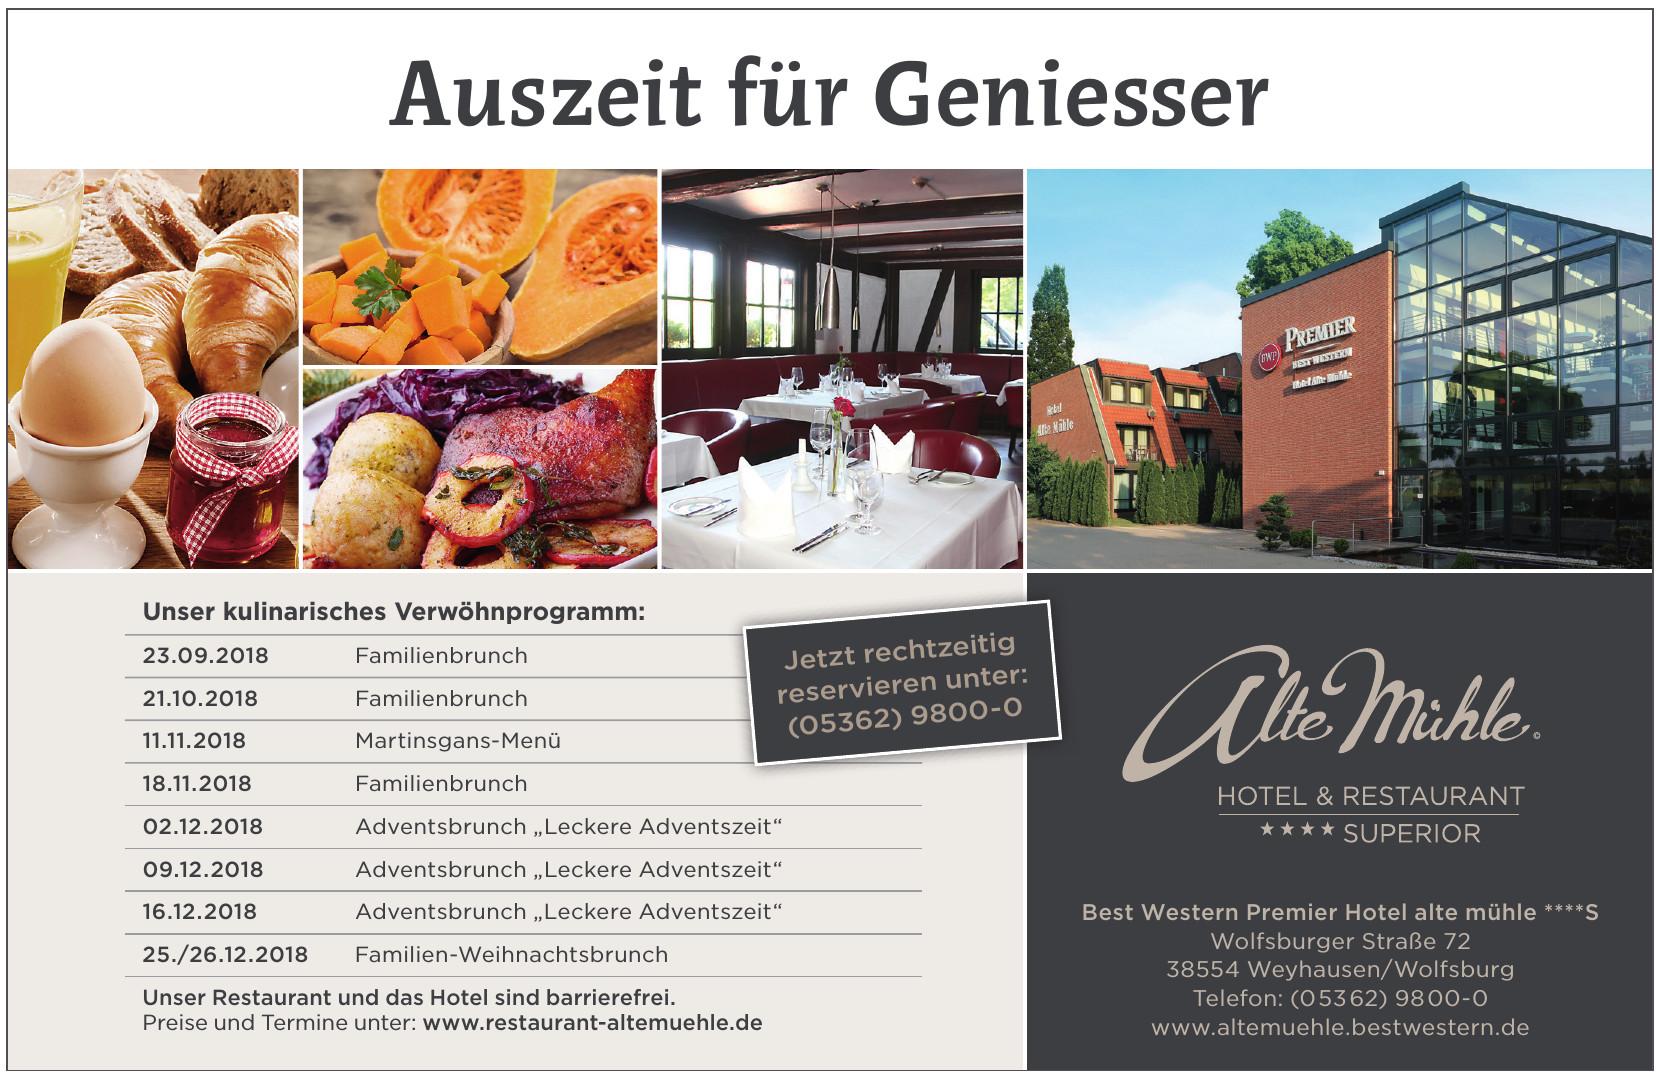 Best Western Premier Hotel alte mühle ****S